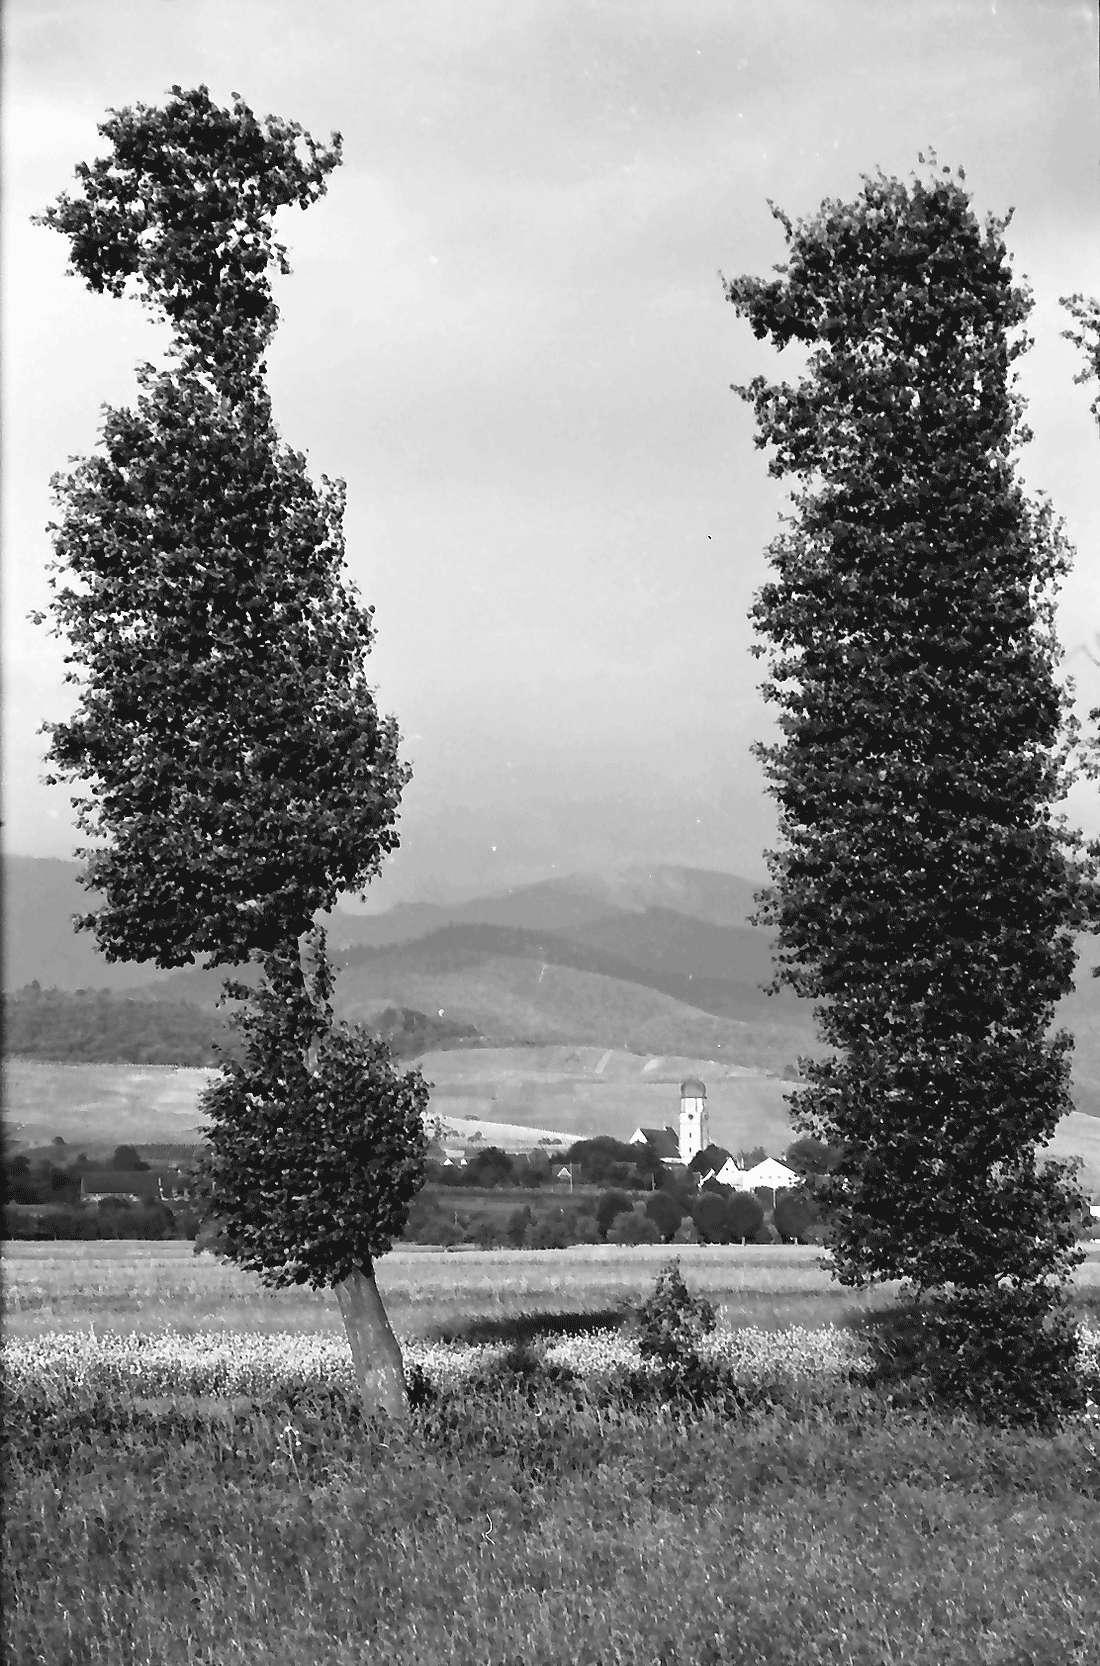 Norsingen: Gewitterbeleuchtung an der Möhlin; Blick auf Kirchhofen; bei Norsingen, Bild 2